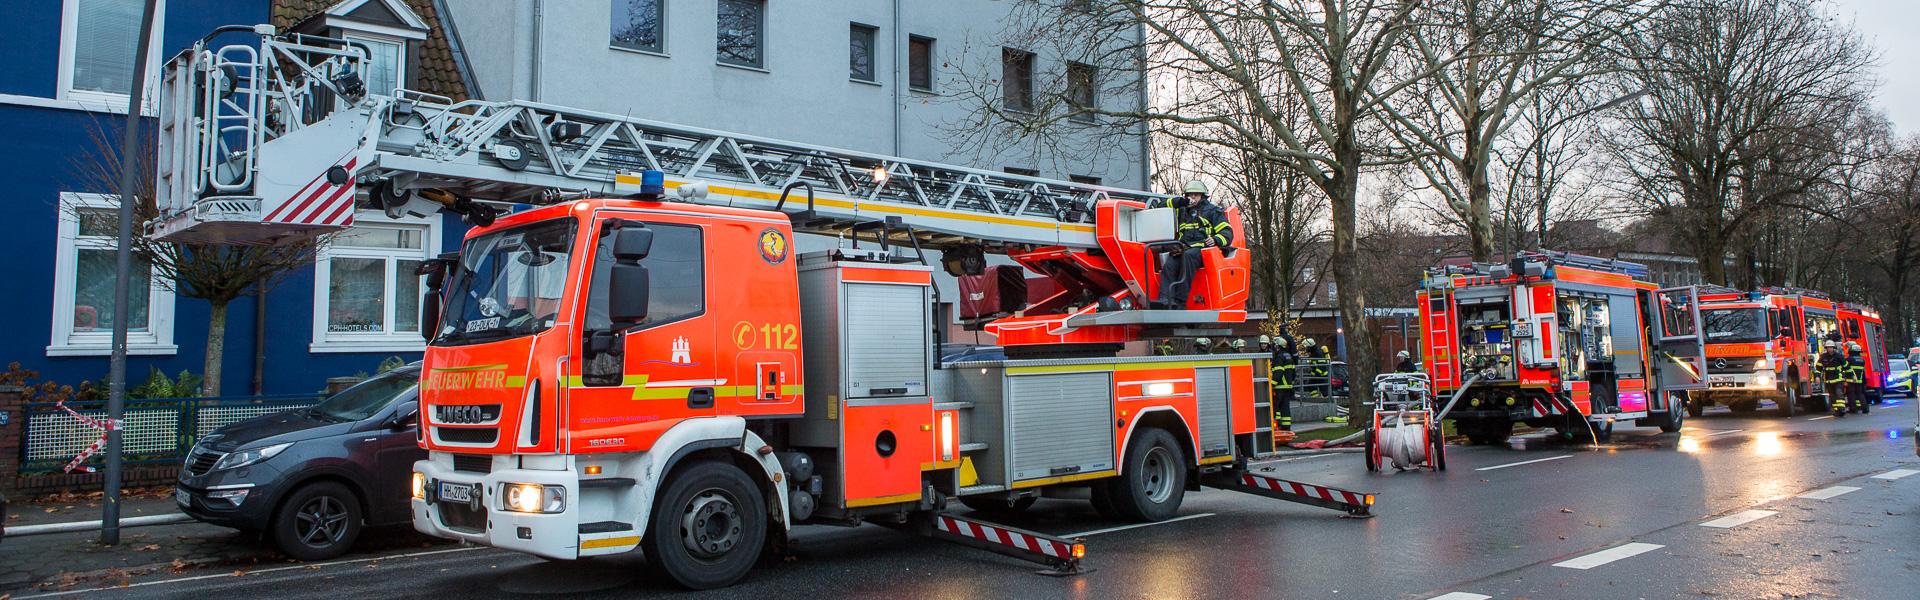 08.12.2018 – Zimmerbrand in Wandsbek fordert Todesopfer